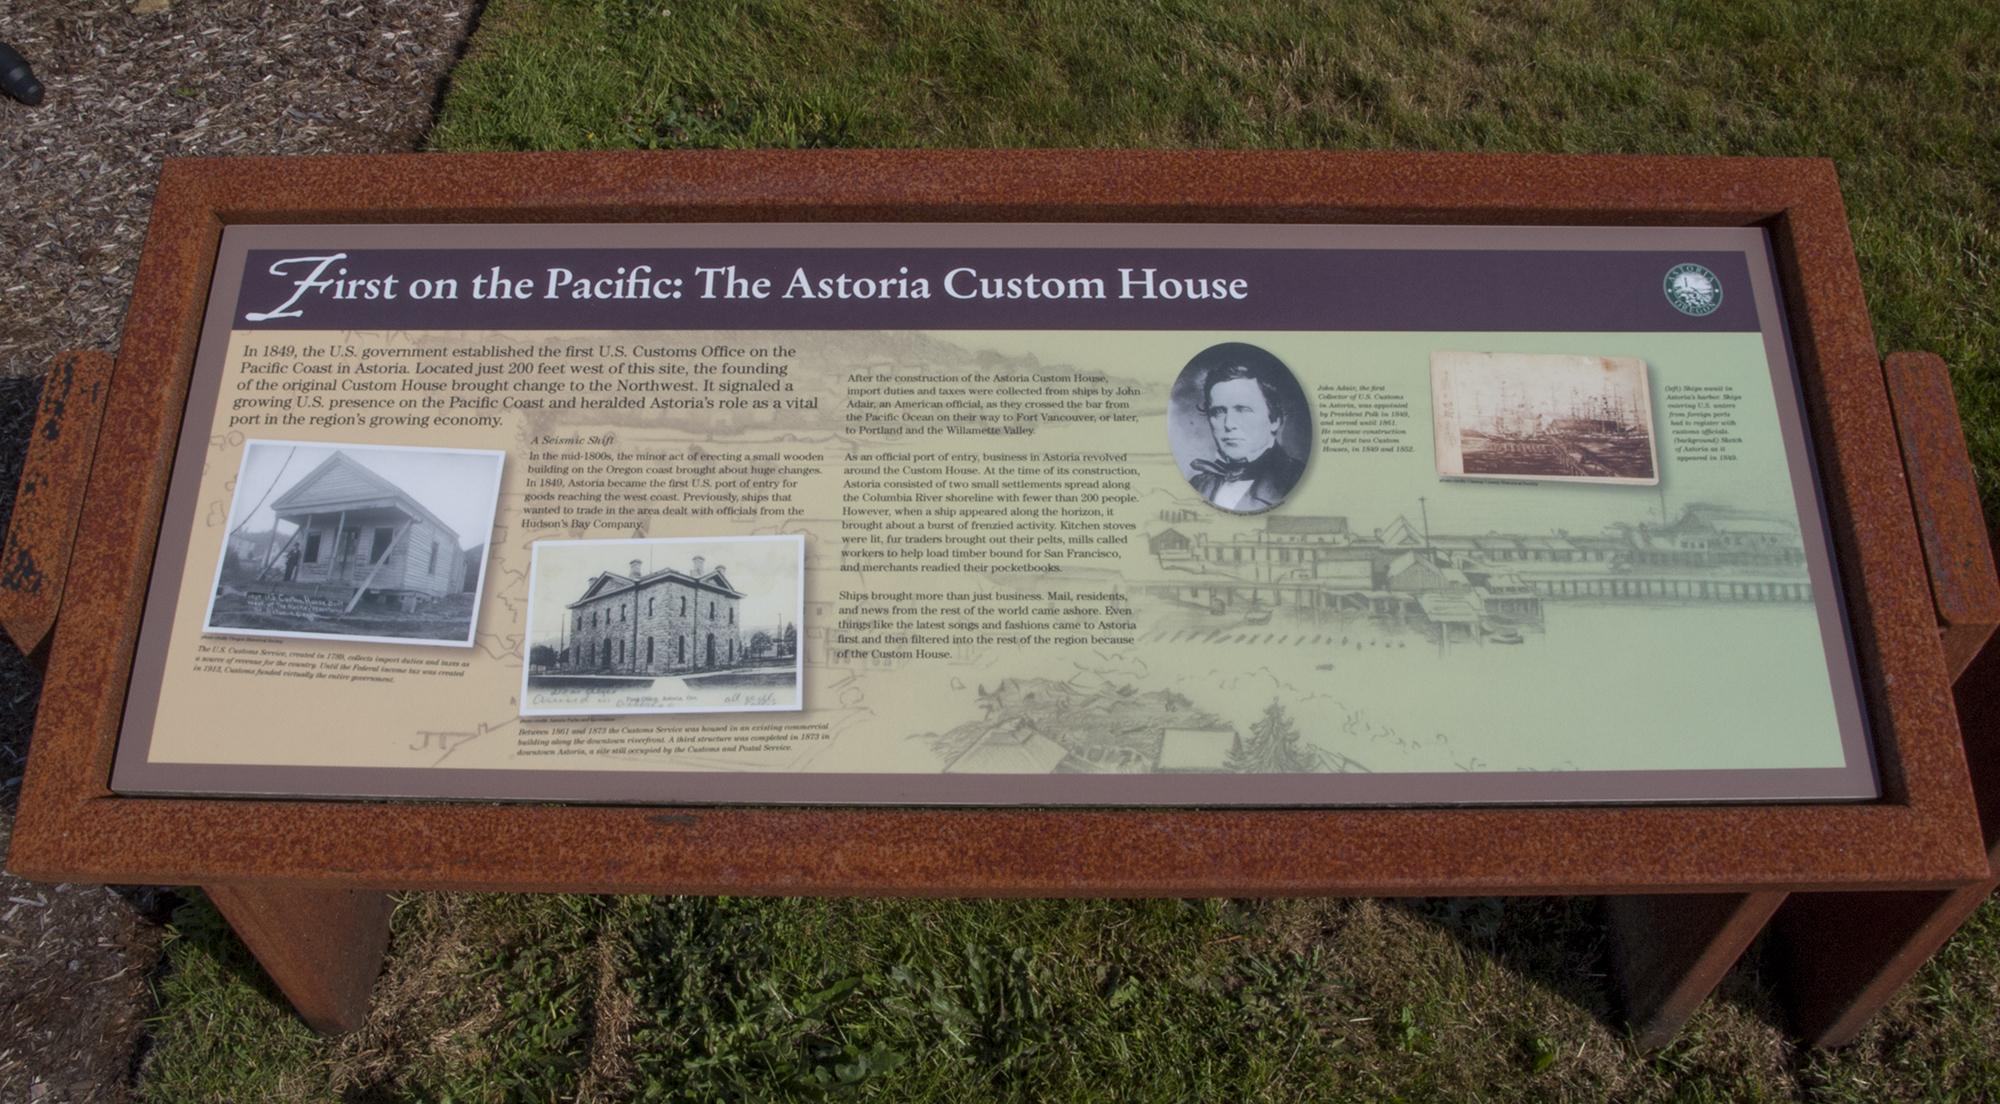 Astoria Customs House Exhibit - Photo 2